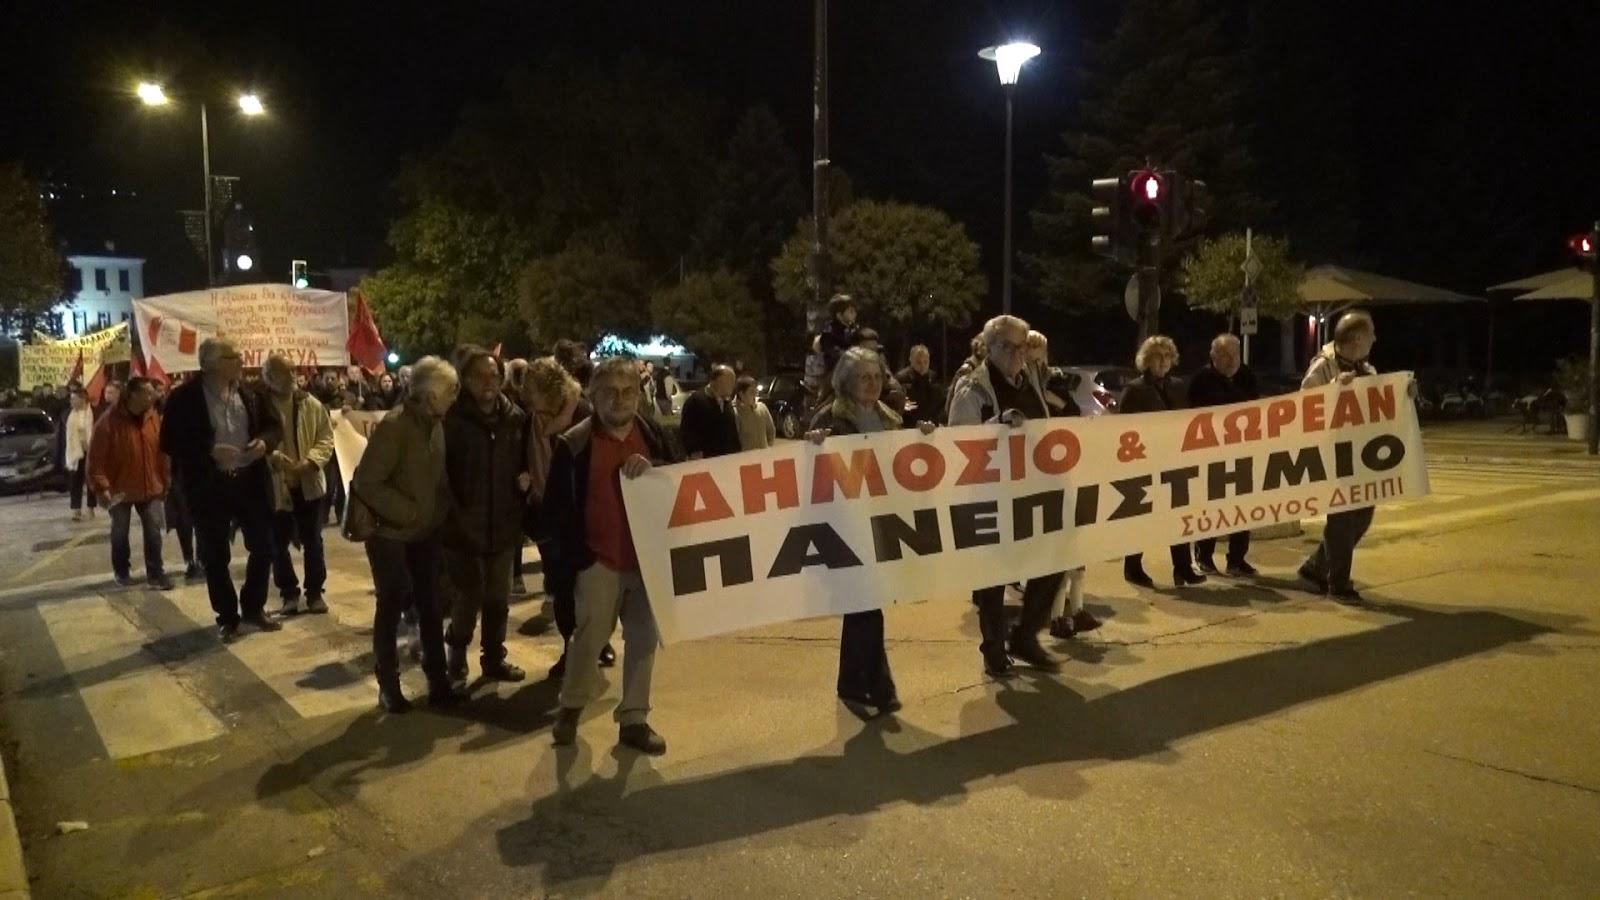 Ιωάννινα:Μαζική     συμμετοχή  στις πορείες για το Πολυτεχνείο[βίντεο]